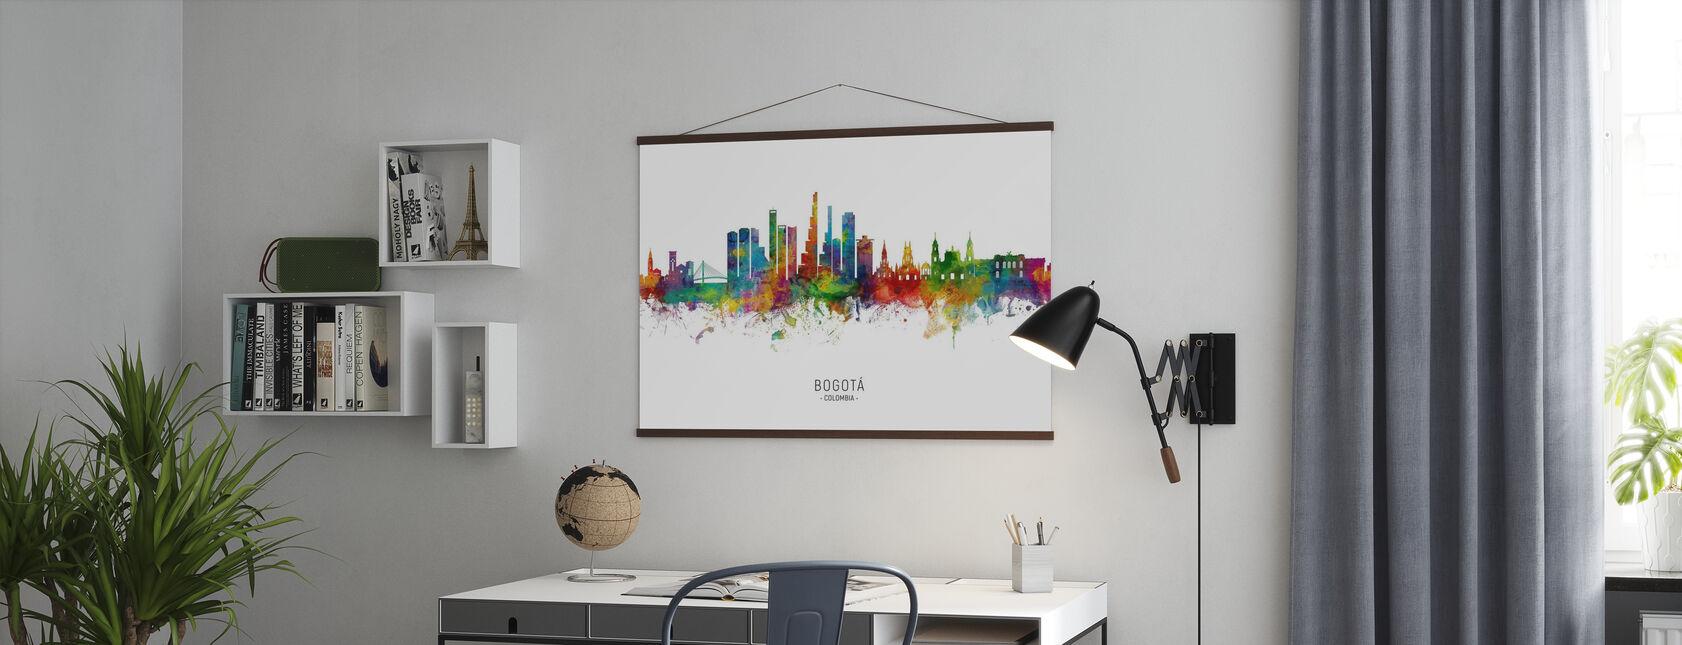 Bogotá Colombias skyline - Plakat - Kontor